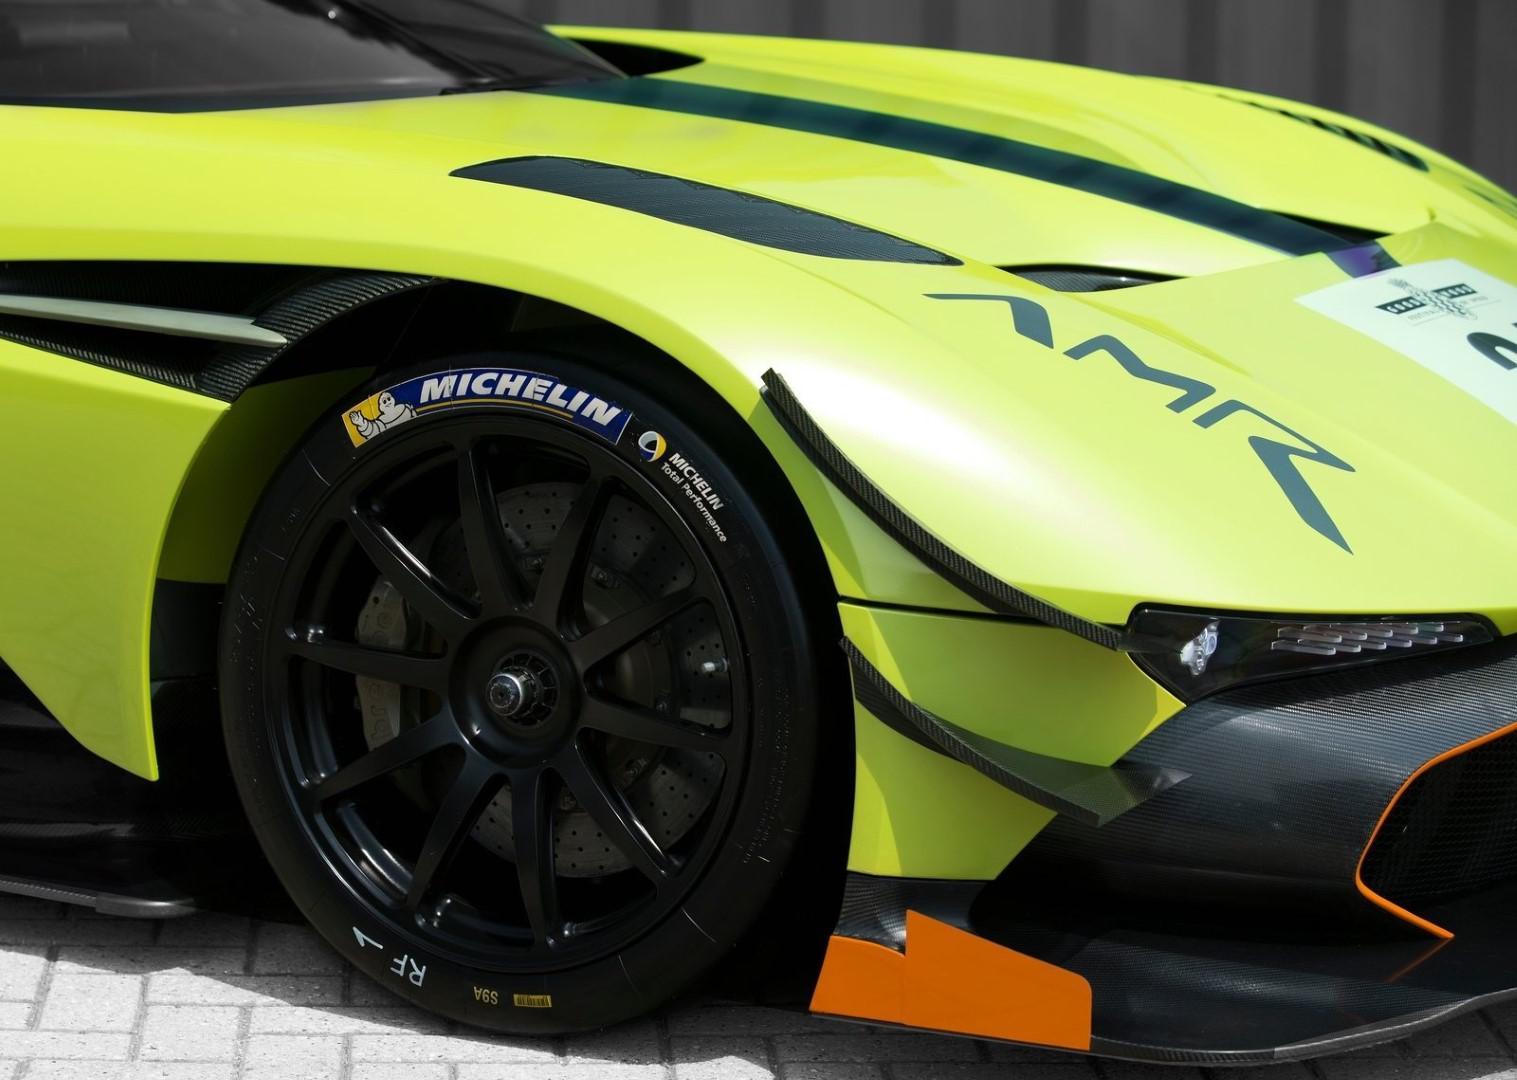 la-voiture-de-piste-la-plus-extreme-au-monde-aston-martin-vulcan-amr-pro-1308-10.jpg